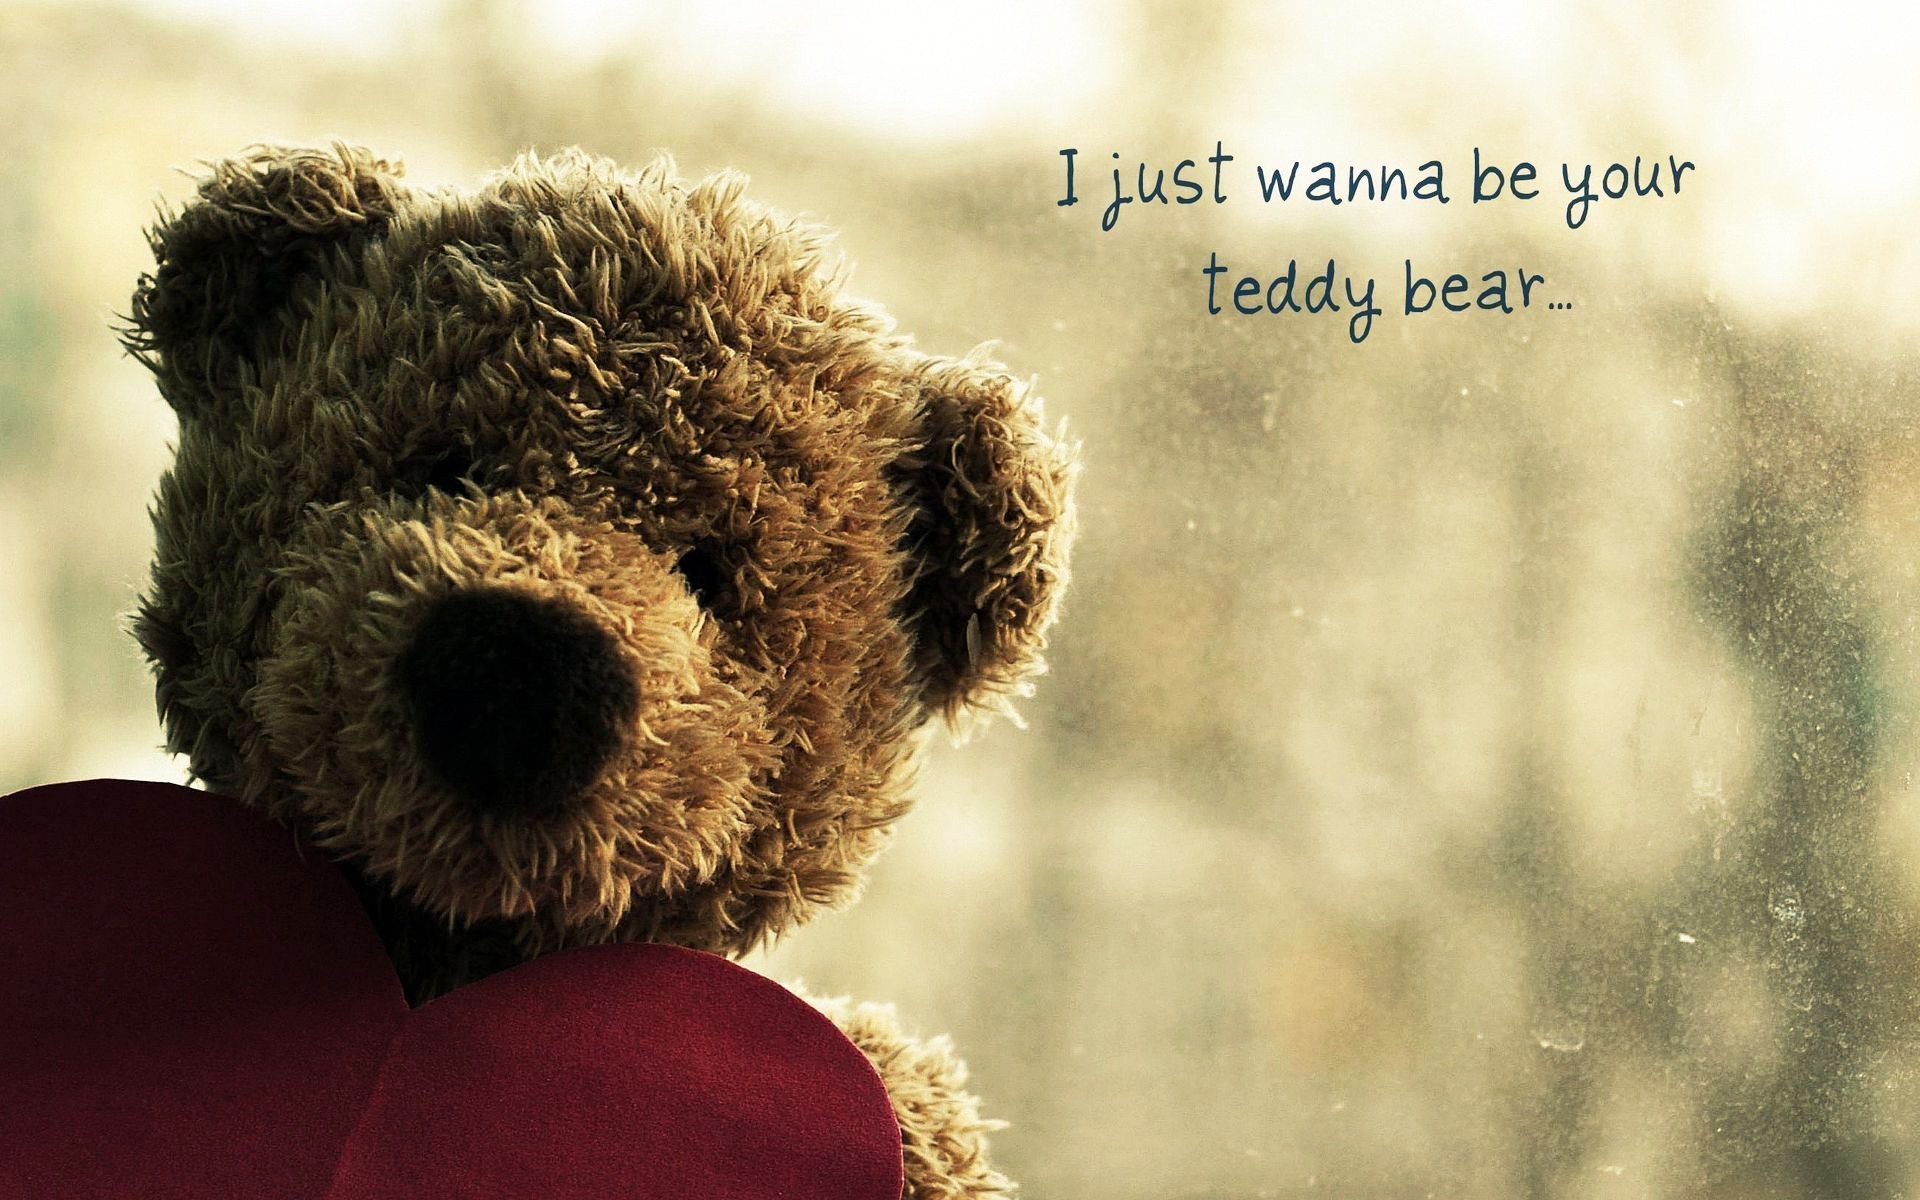 Lonely teddy bear wallpaper